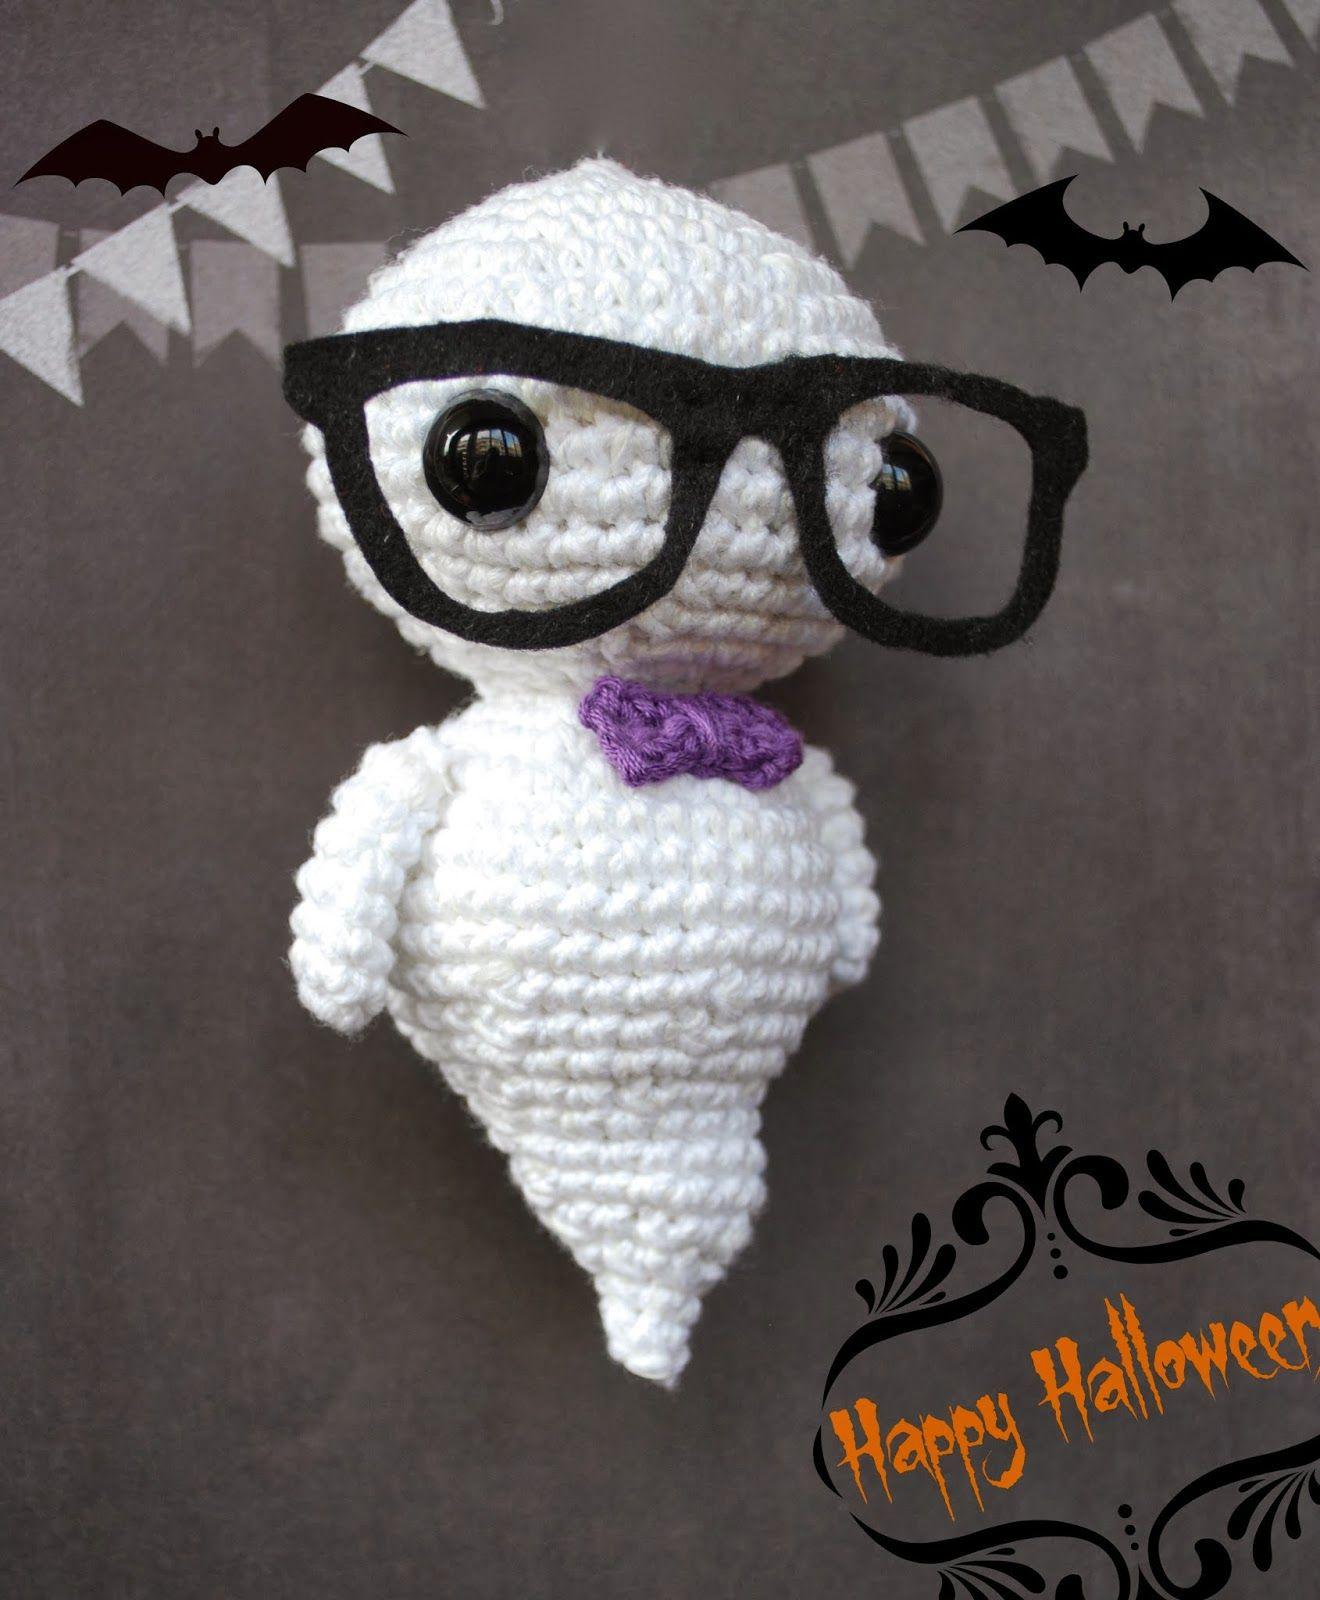 Amigurumis dedicados a Halloween | Diy häkeln, Amigurumi und Häkeln